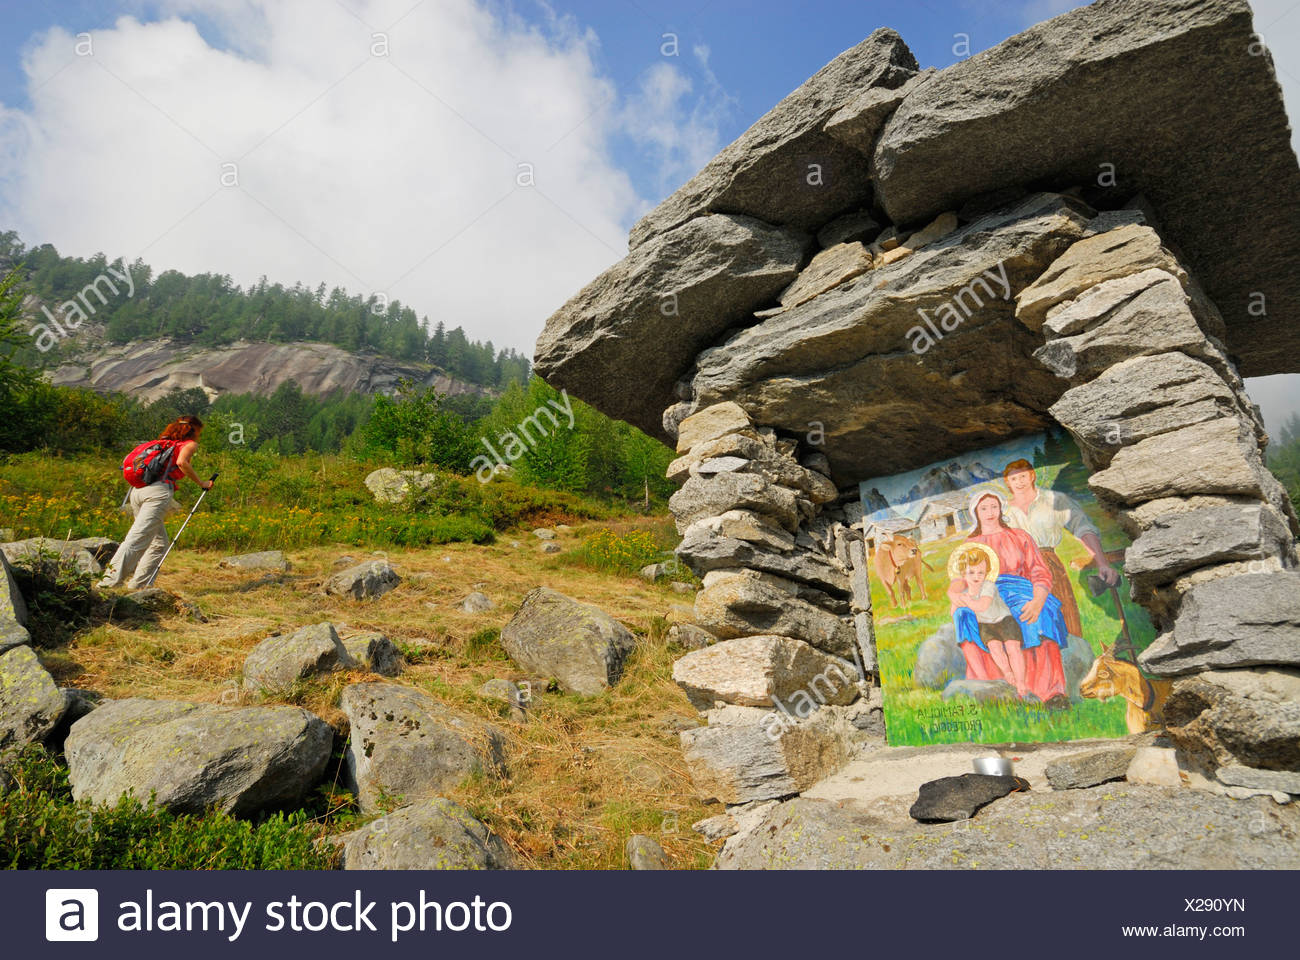 Bildstock, Wanderer im Hintergrund, Alpe Corte Nuovo, Valle Bavona, Ticino Reichweite, Tessin, Schweiz Stockbild